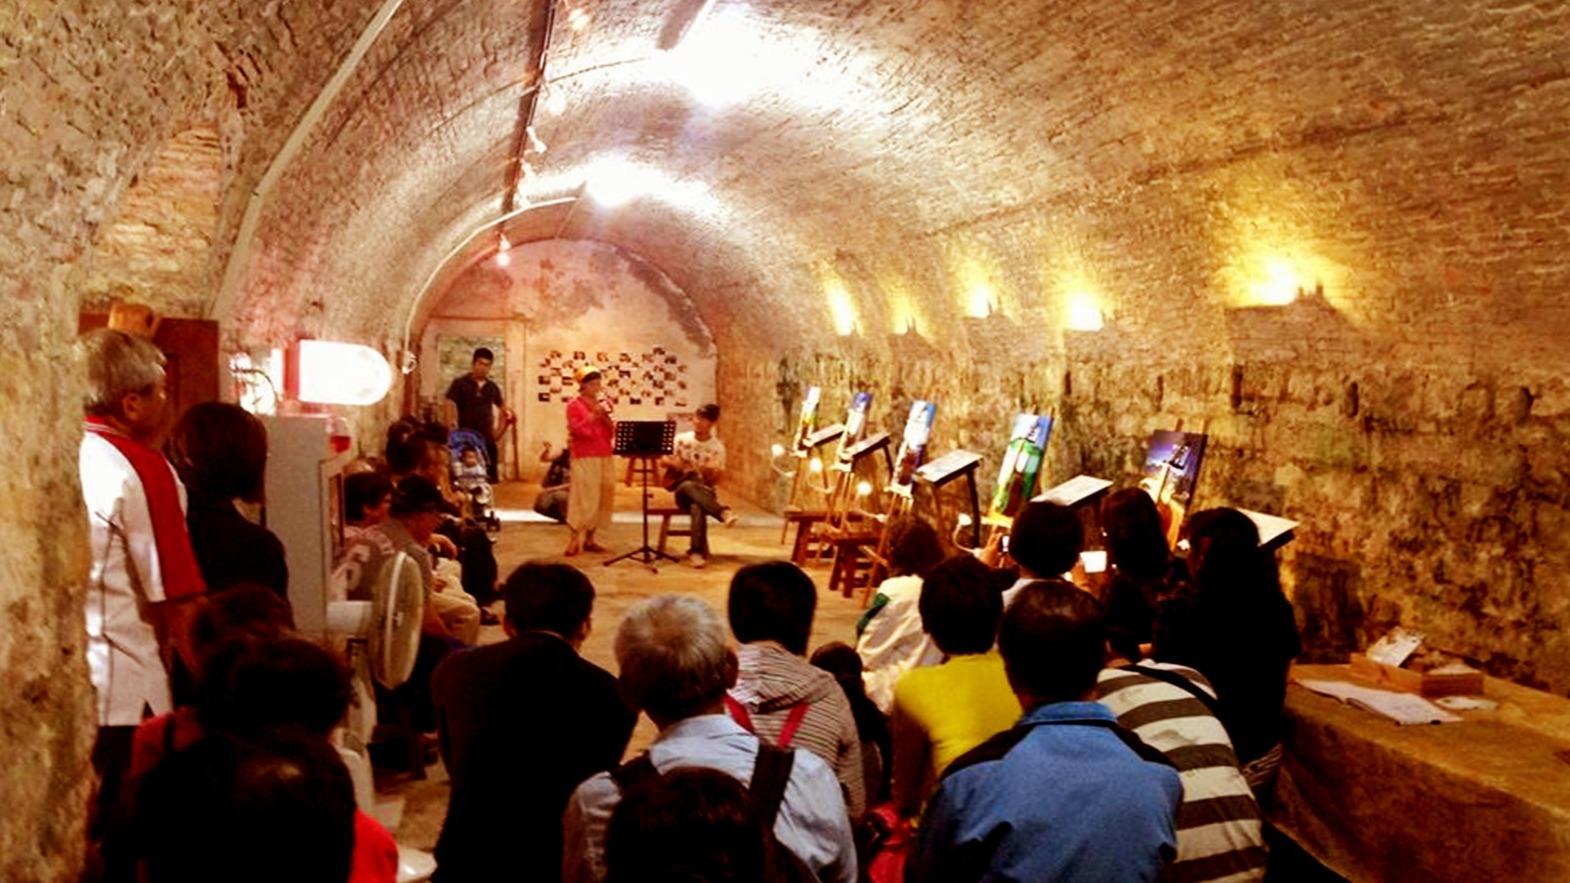 藝術家麻花捲工作室在國定古蹟滬尾礮臺展出油畫與烏克麗麗結合的作品,並演奏音樂。